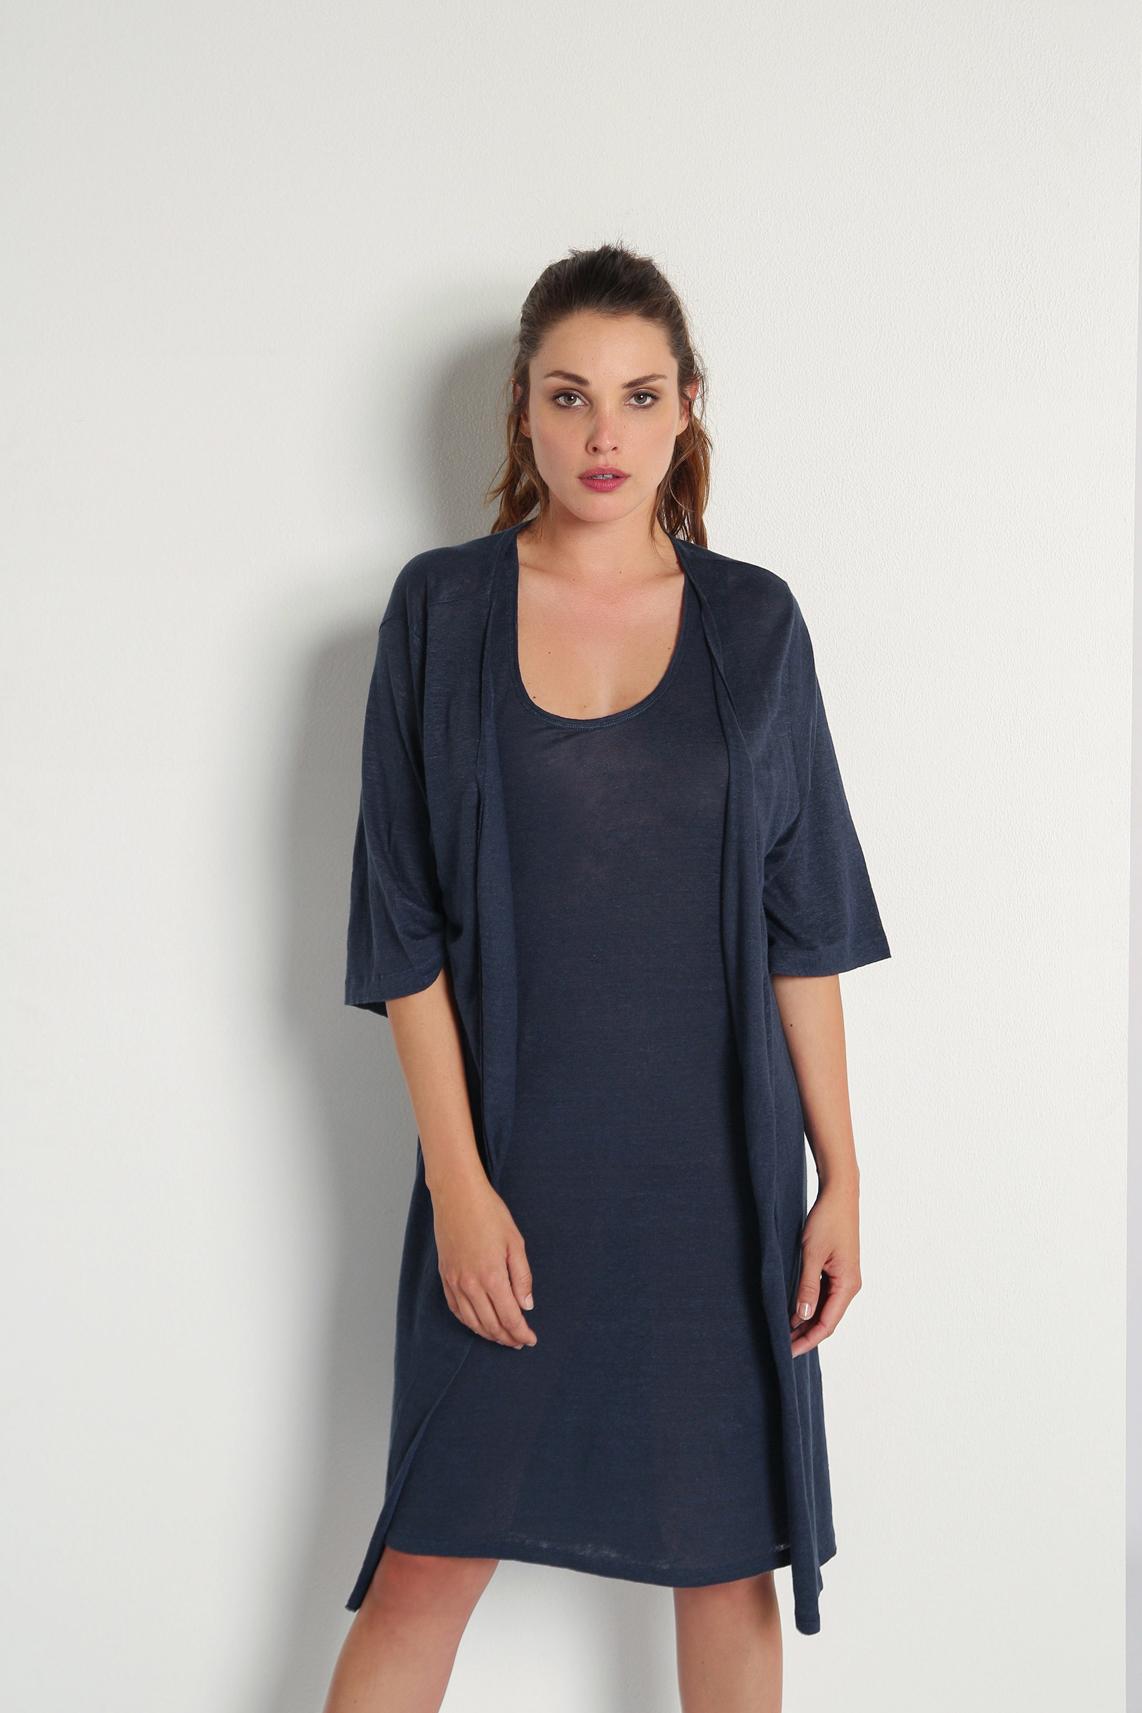 Moscow Dames Linnen singlet jurk Blauw